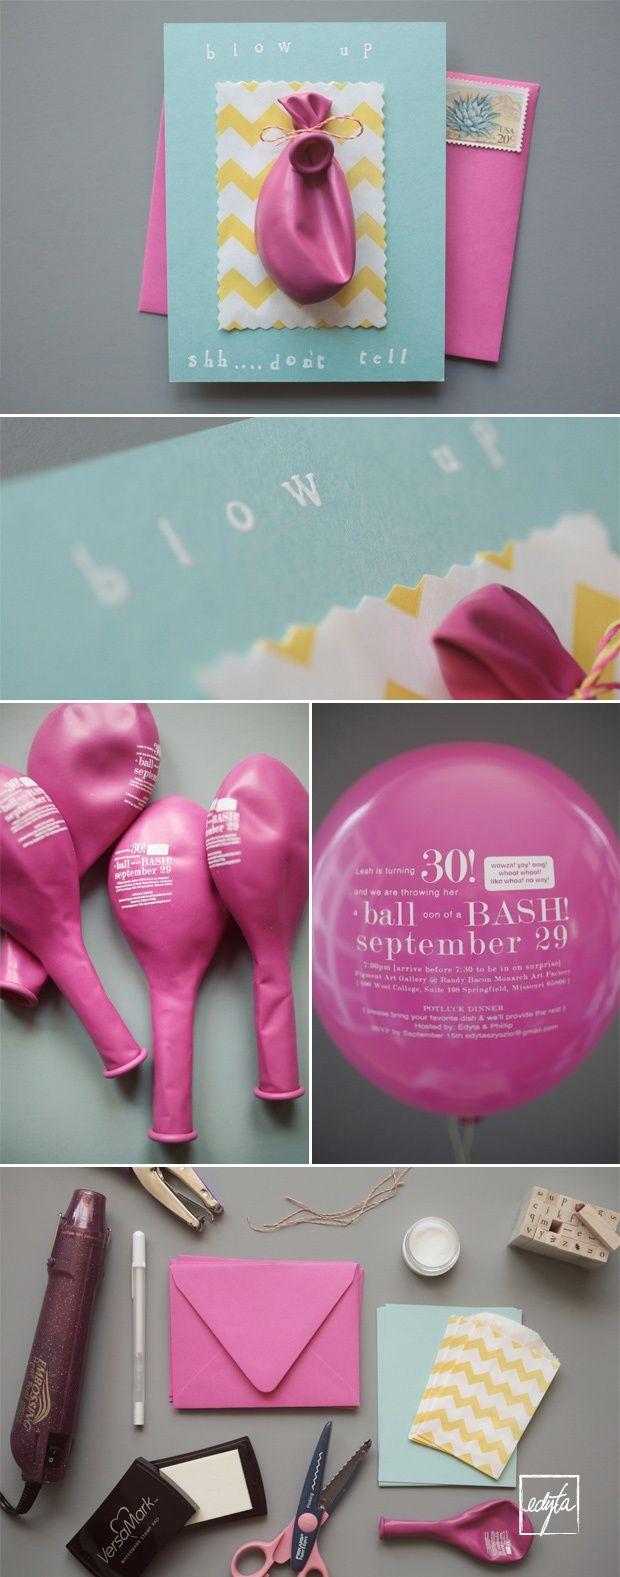 Invite idea, so cute!! love it